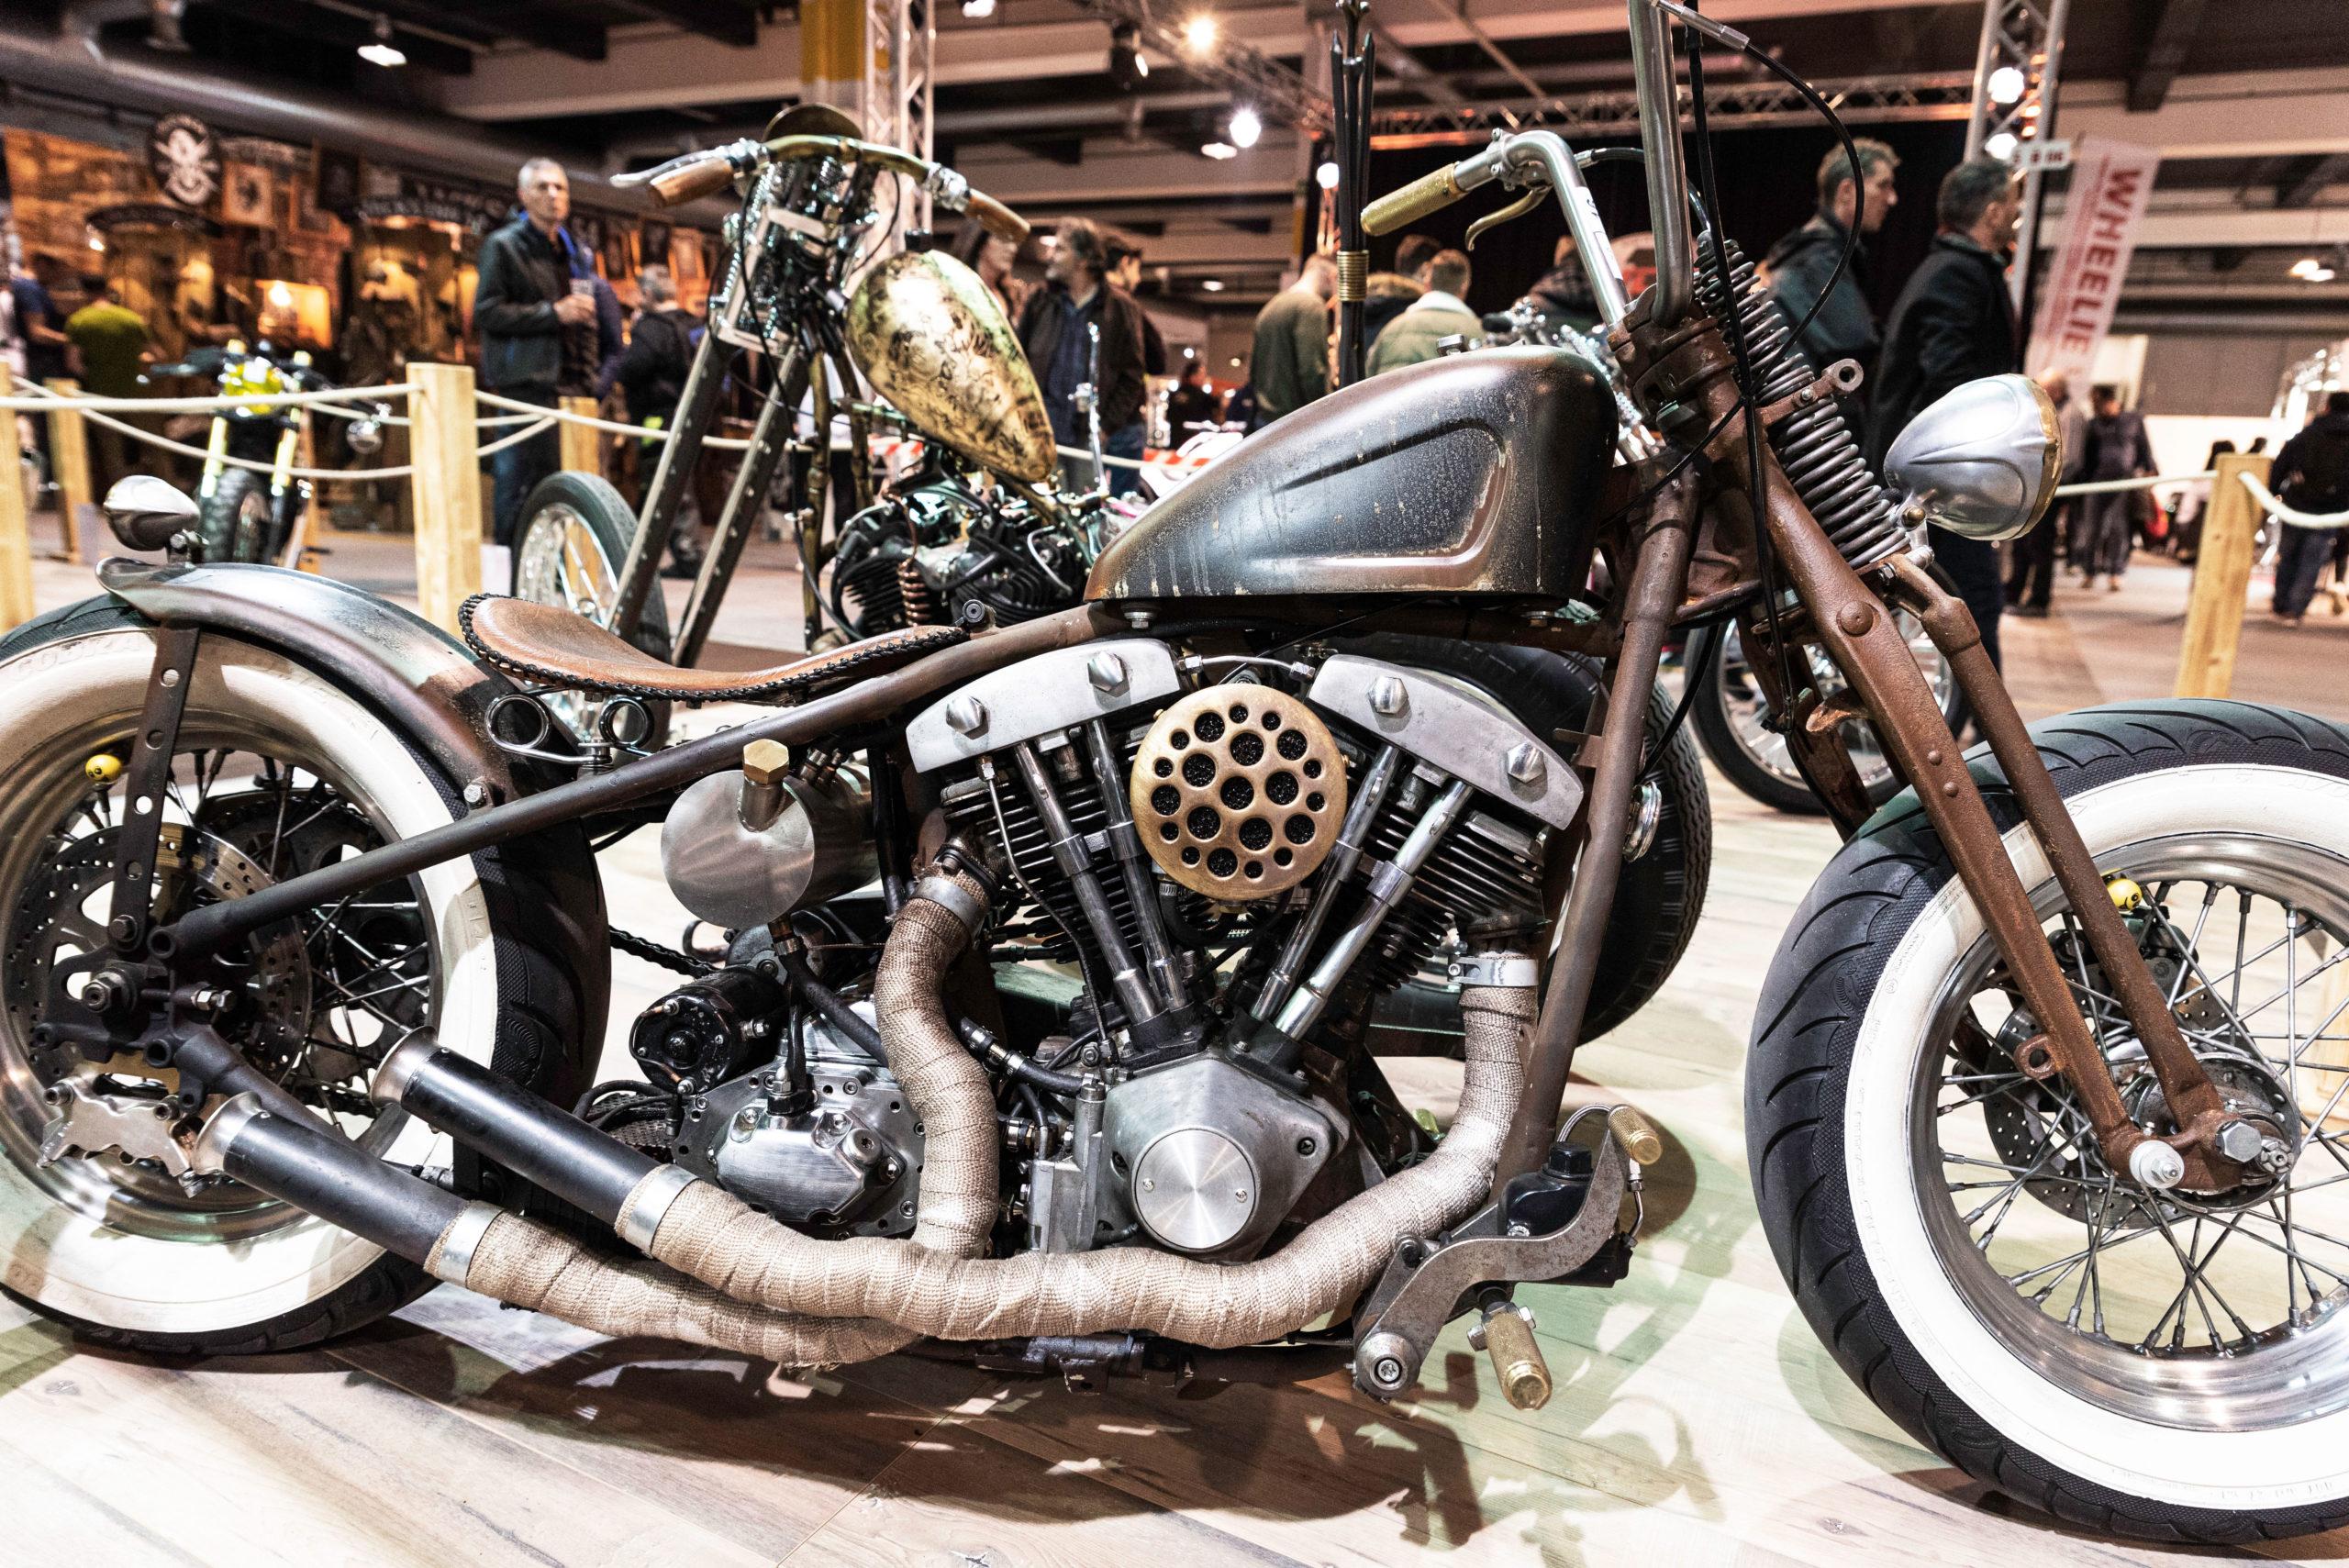 Salon moto 21